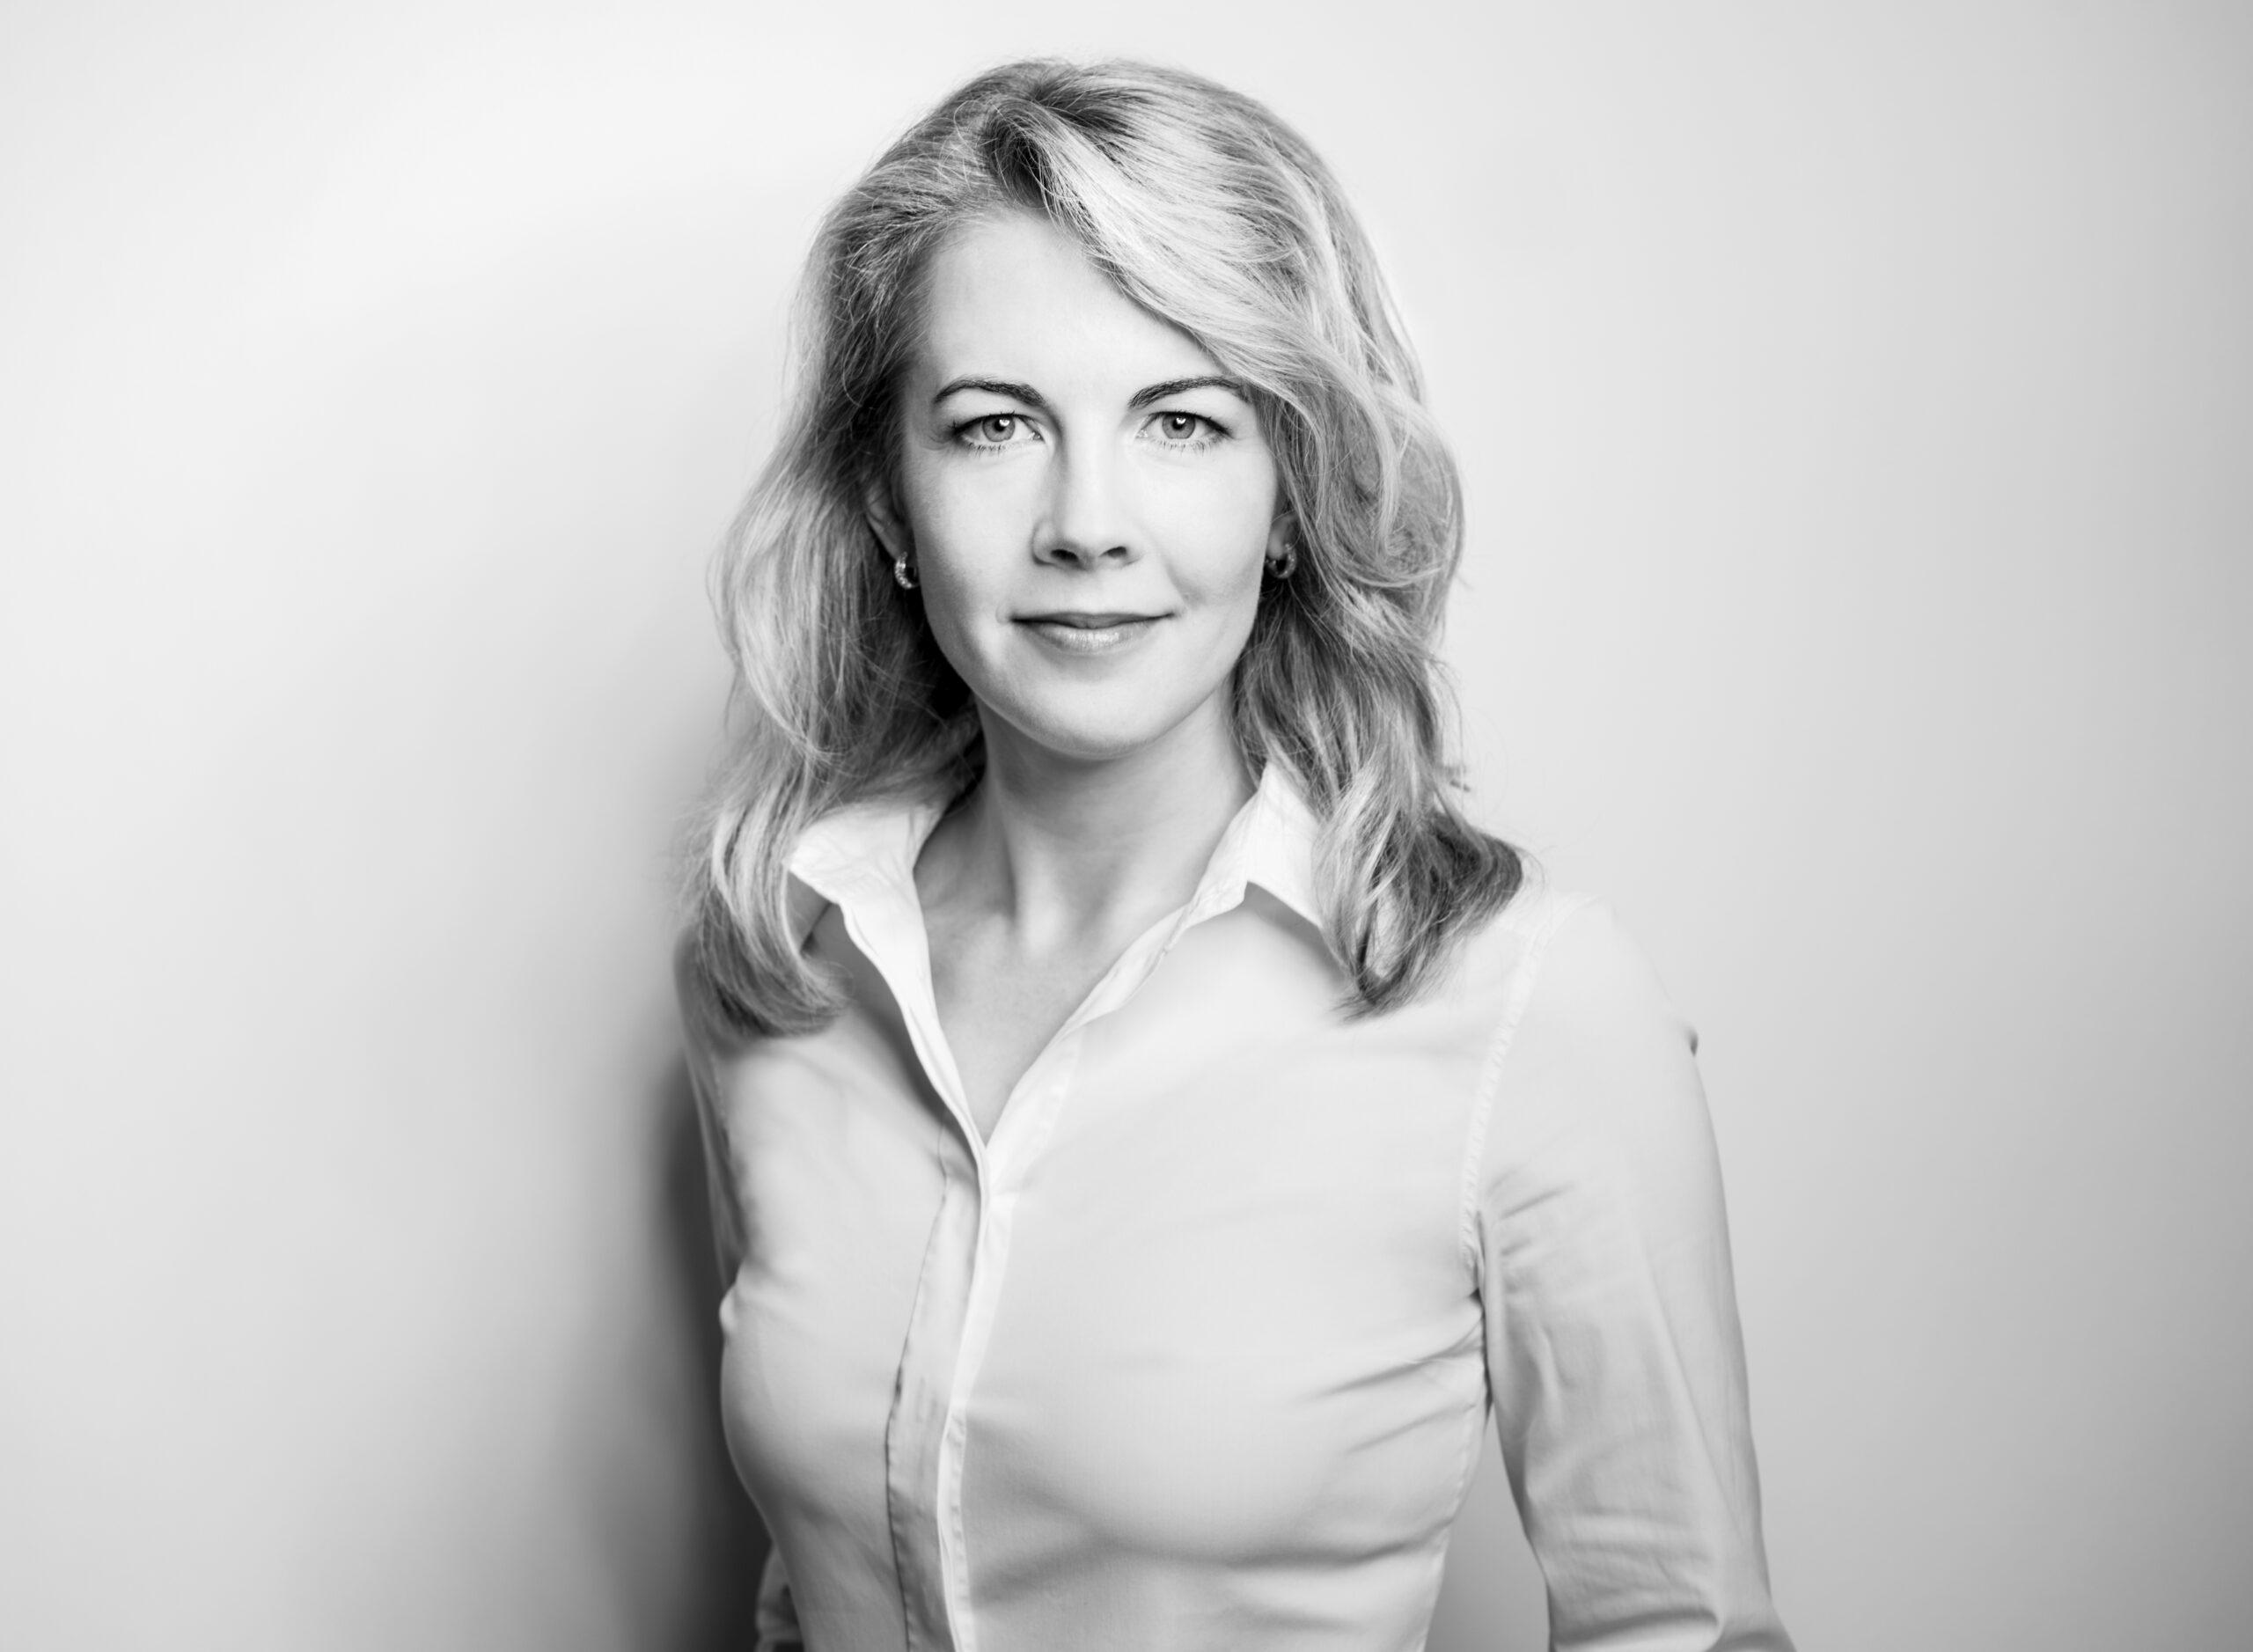 Linda Teuteberg